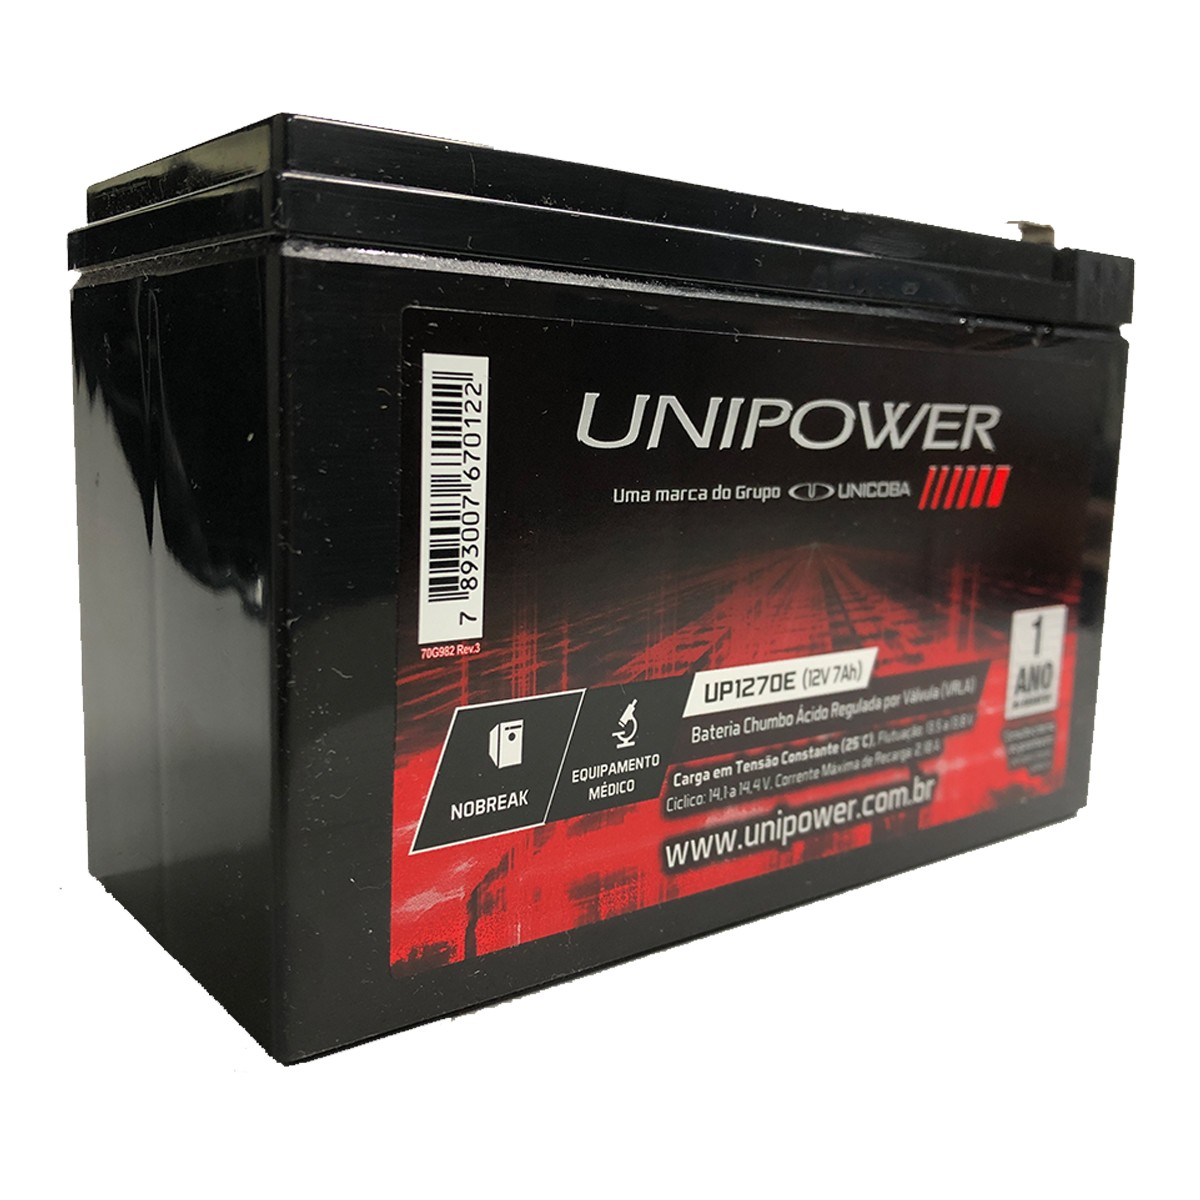 Bateria Unipower para Nobreak UP1270E F187 12V 7.0Ah